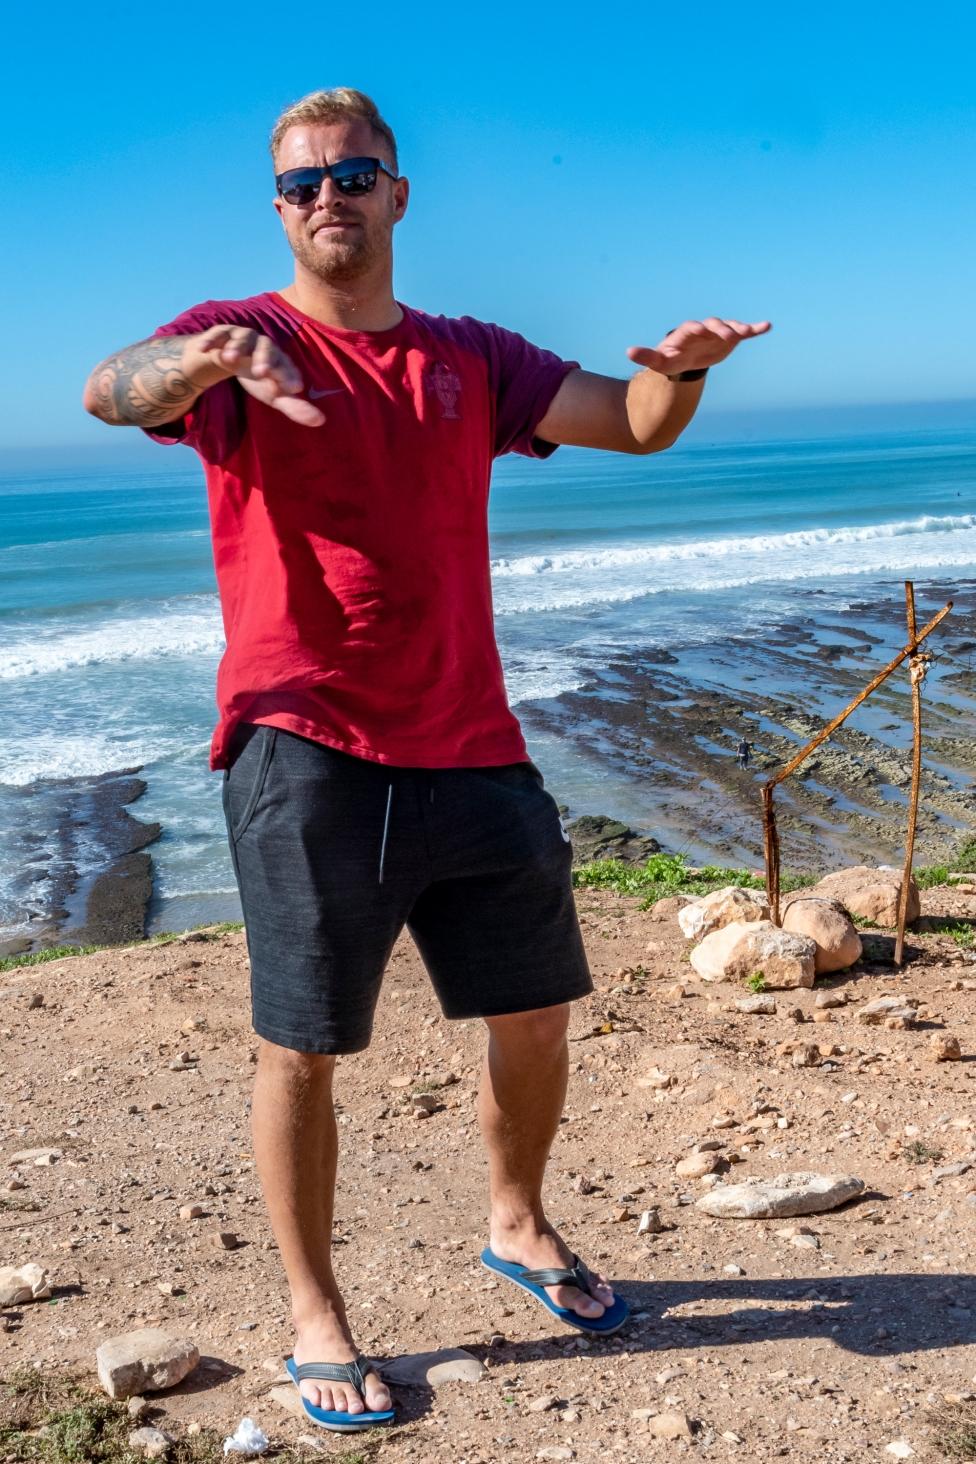 Marokka_DSRF_28_2018_Oddhunt-5144